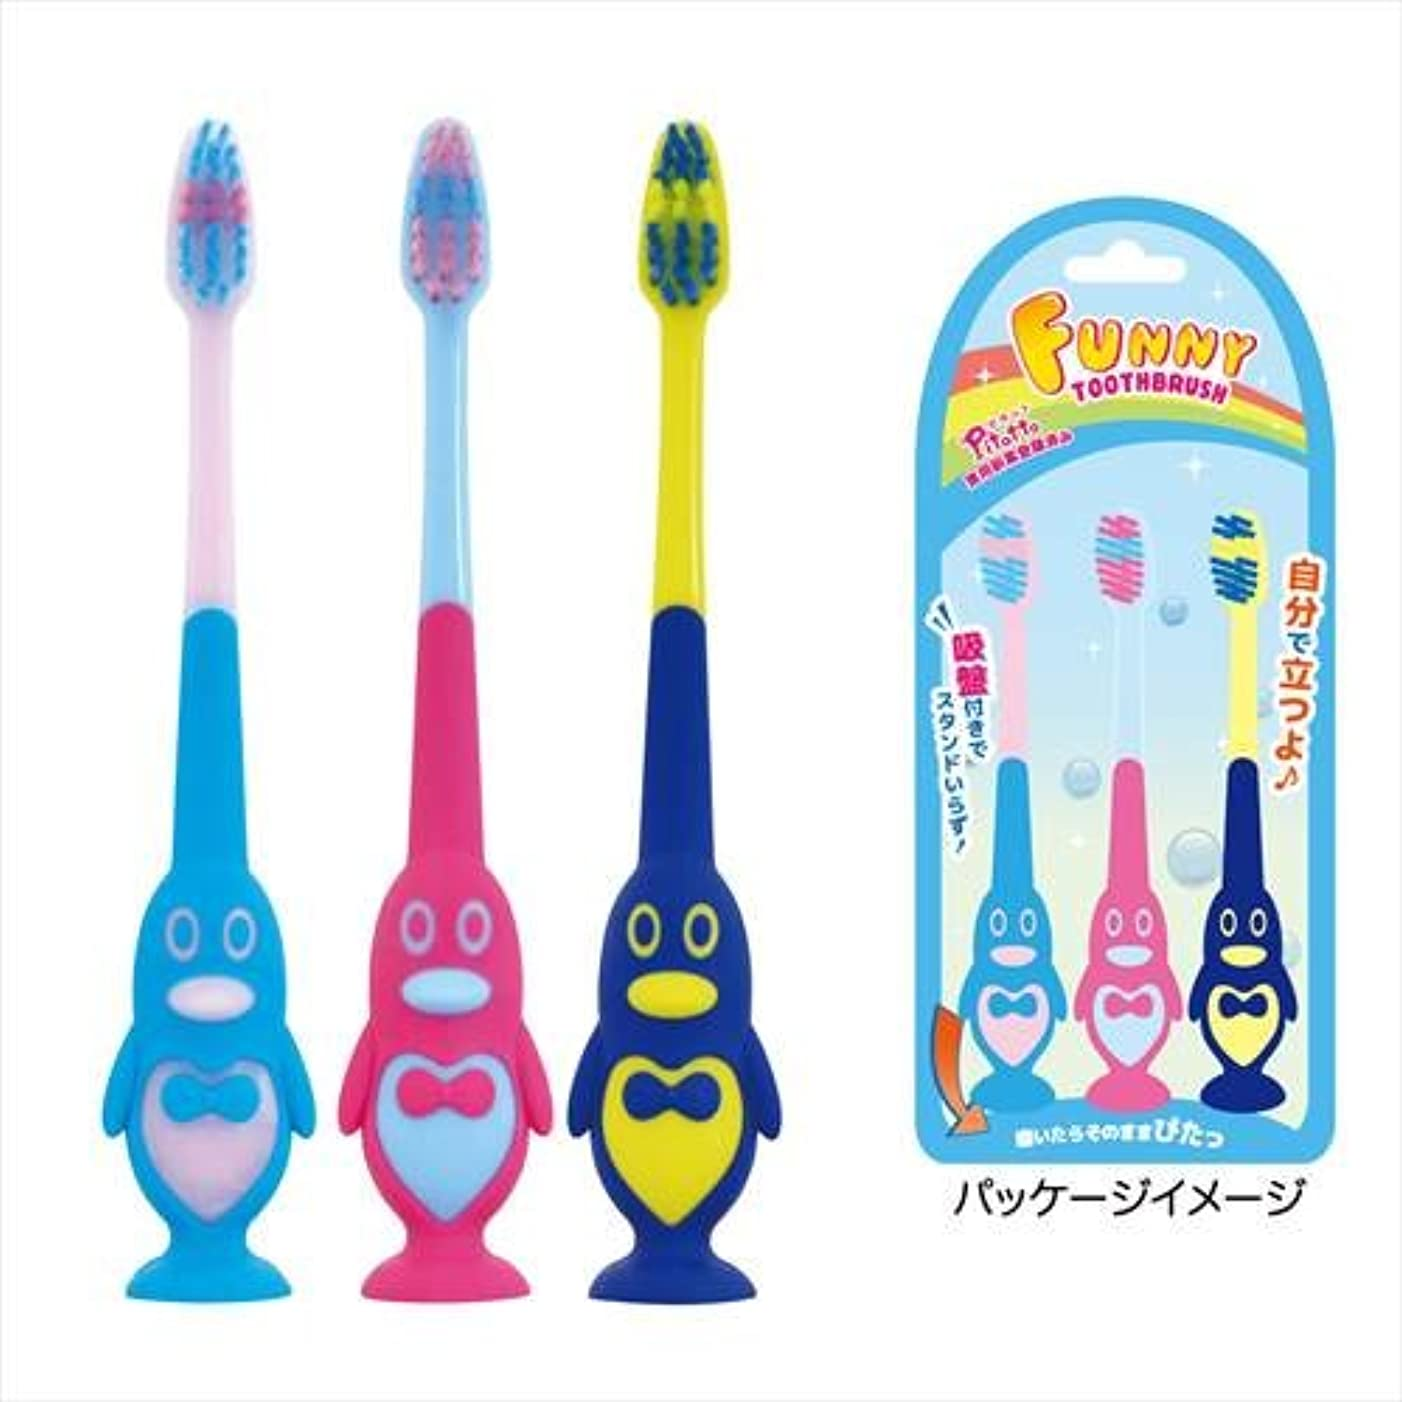 重大スプーン密接に[歯ブラシ] 吸盤付き歯ブラシ 3本セット/ペンギン ユーカンパニー かわいい 洗面用具 グッズ 通販